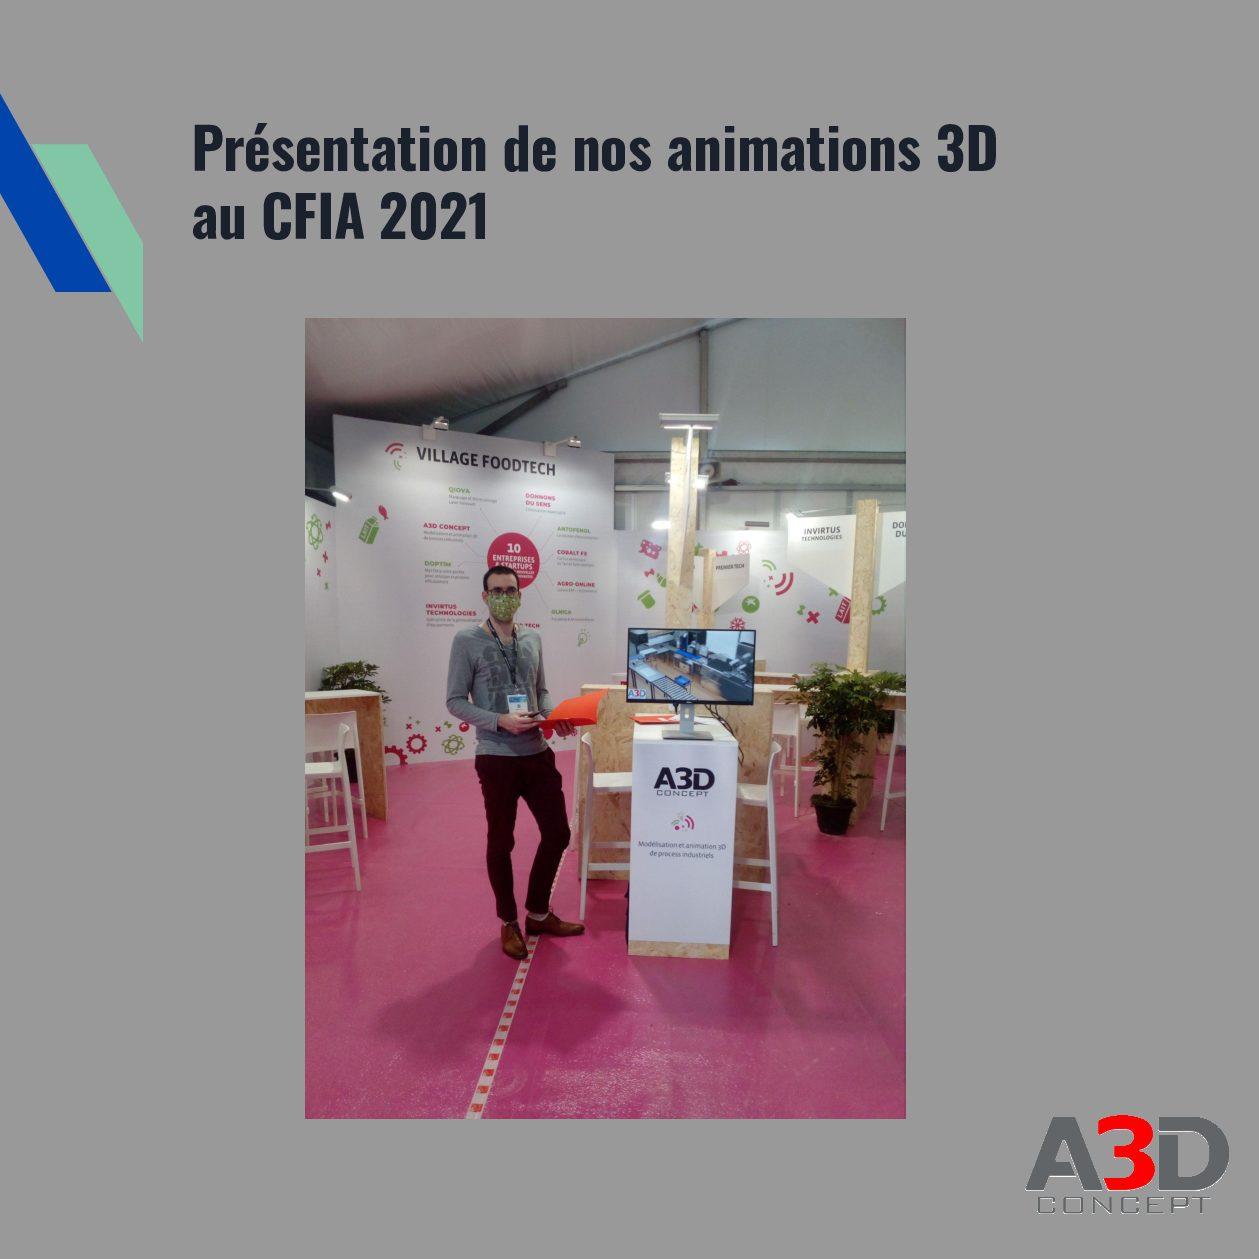 Présentation animations 3D au CFIA 2021